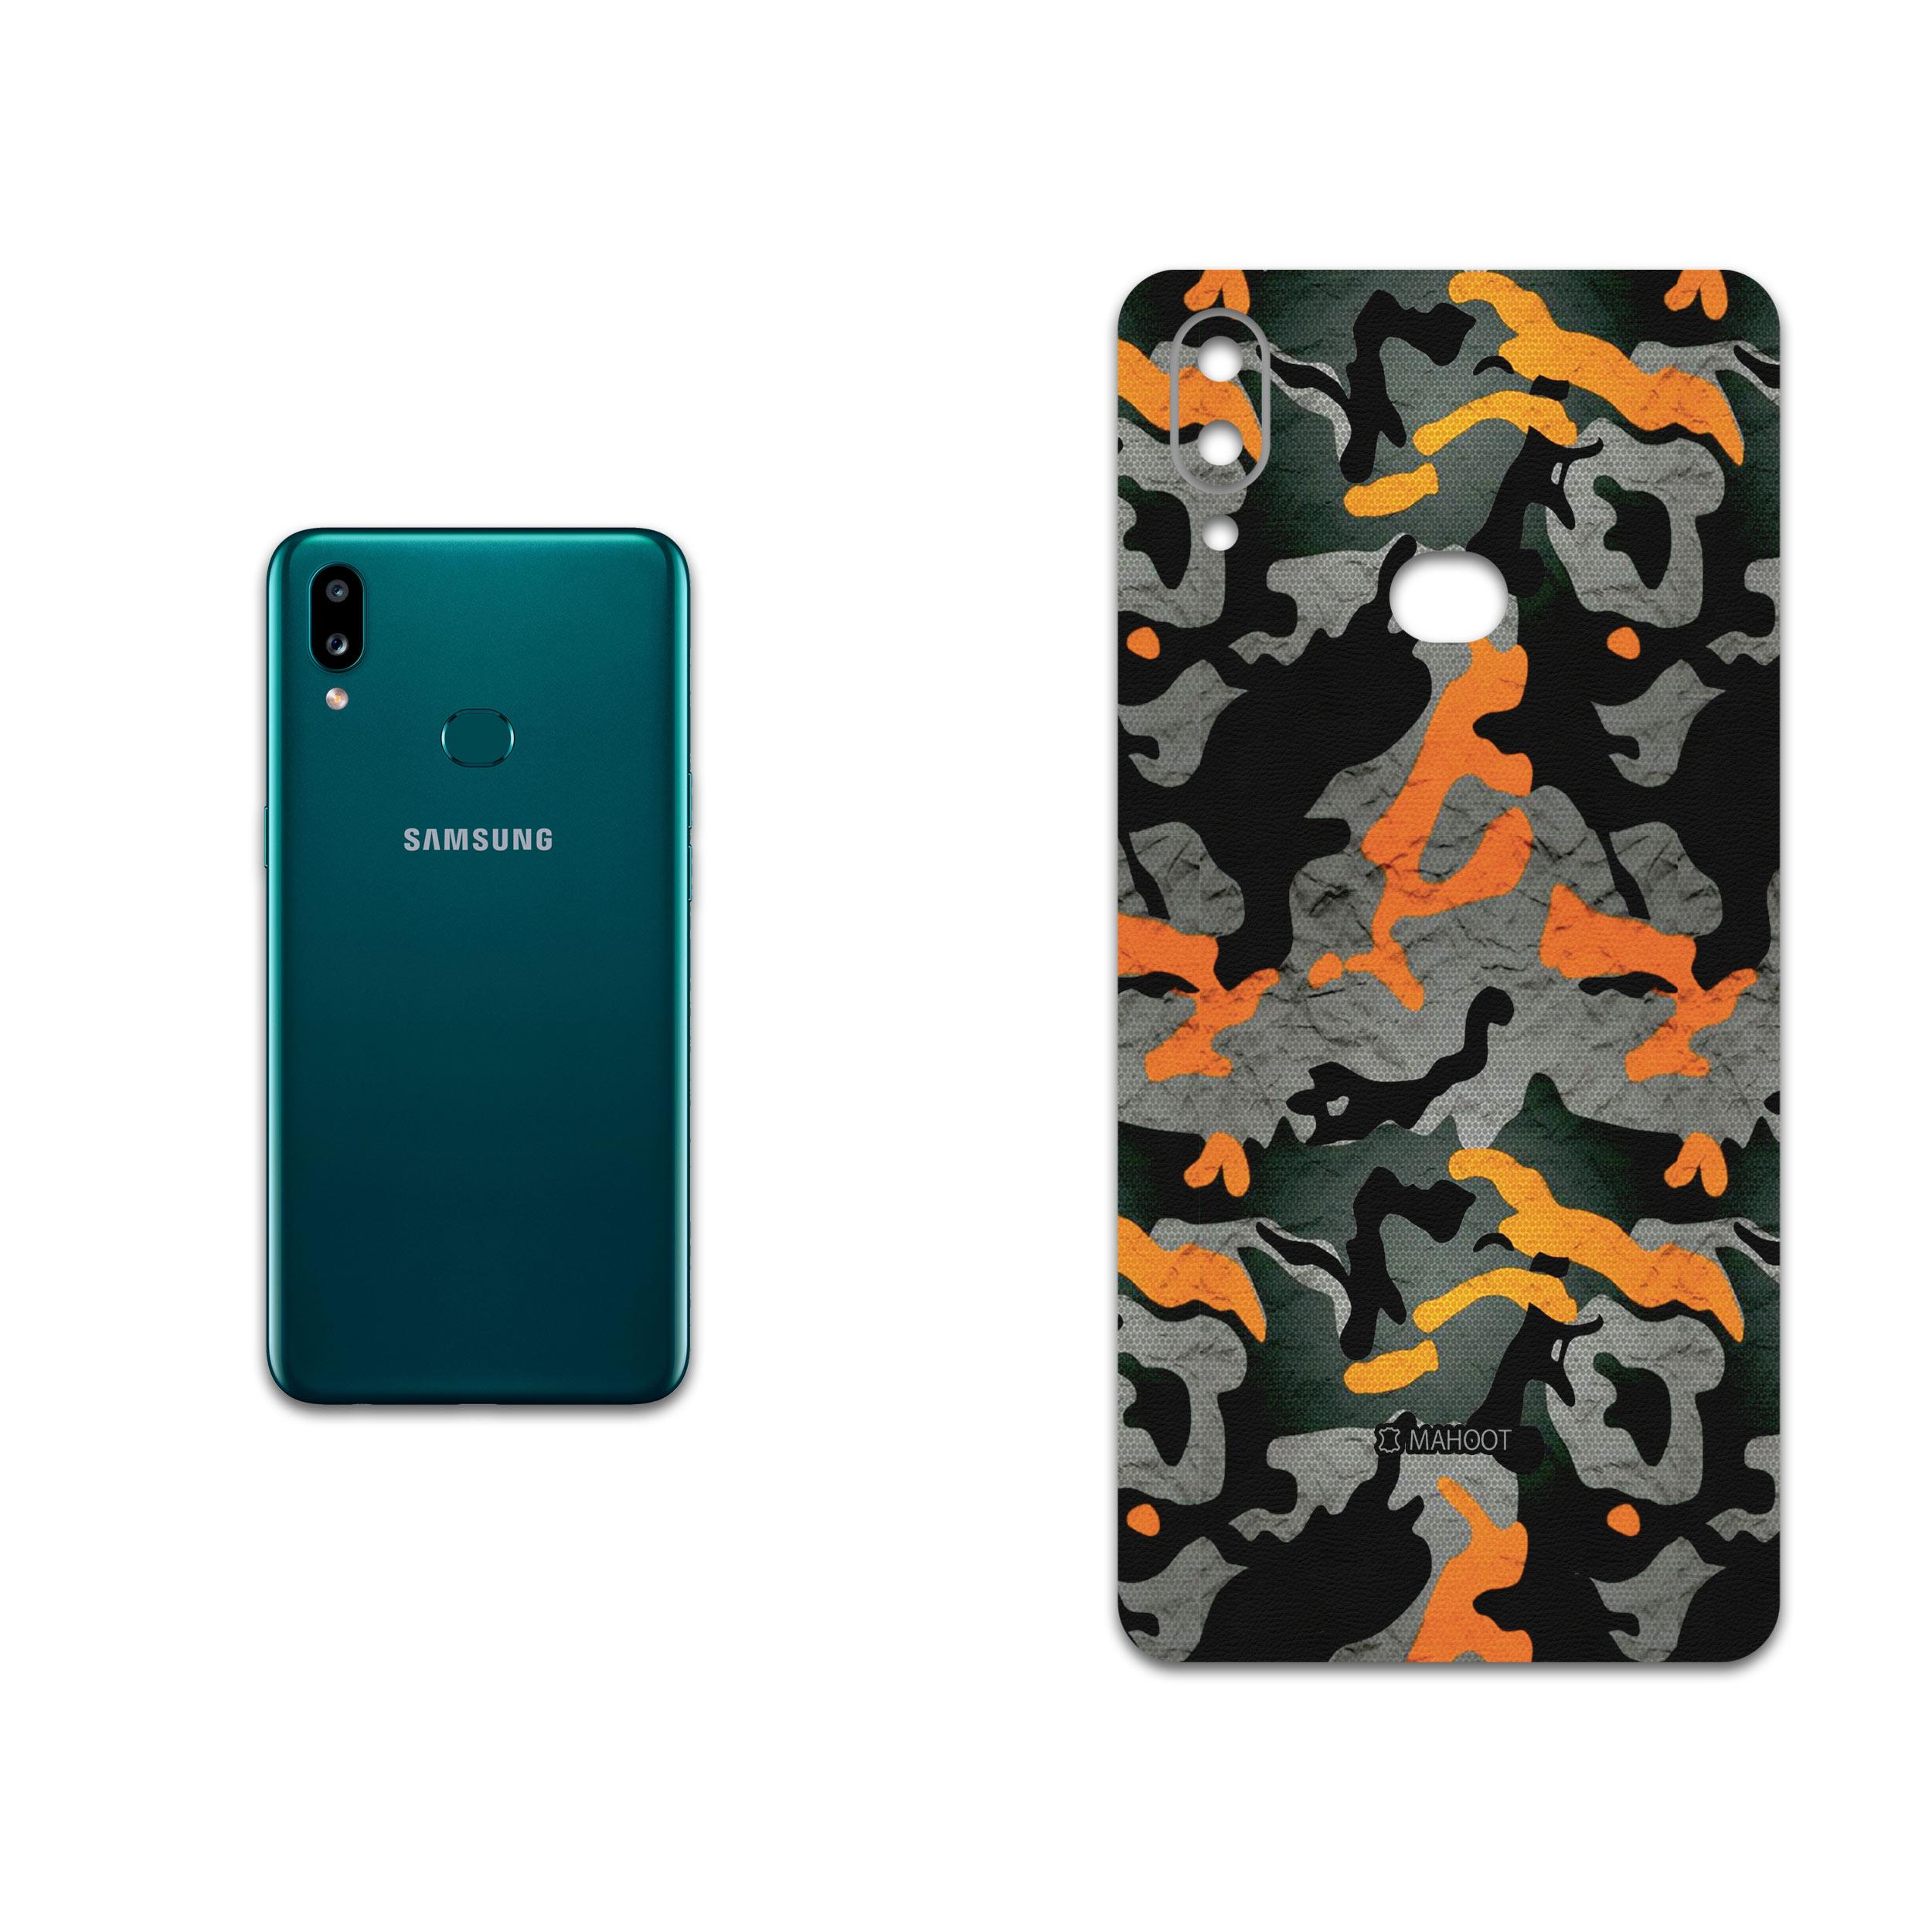 برچسب پوششی ماهوت مدل Autumn-Army مناسب برای گوشی موبایل سامسونگ Galaxy A10s در بزرگترین فروشگاه اینترنتی جنوب کشور ویزمارکت